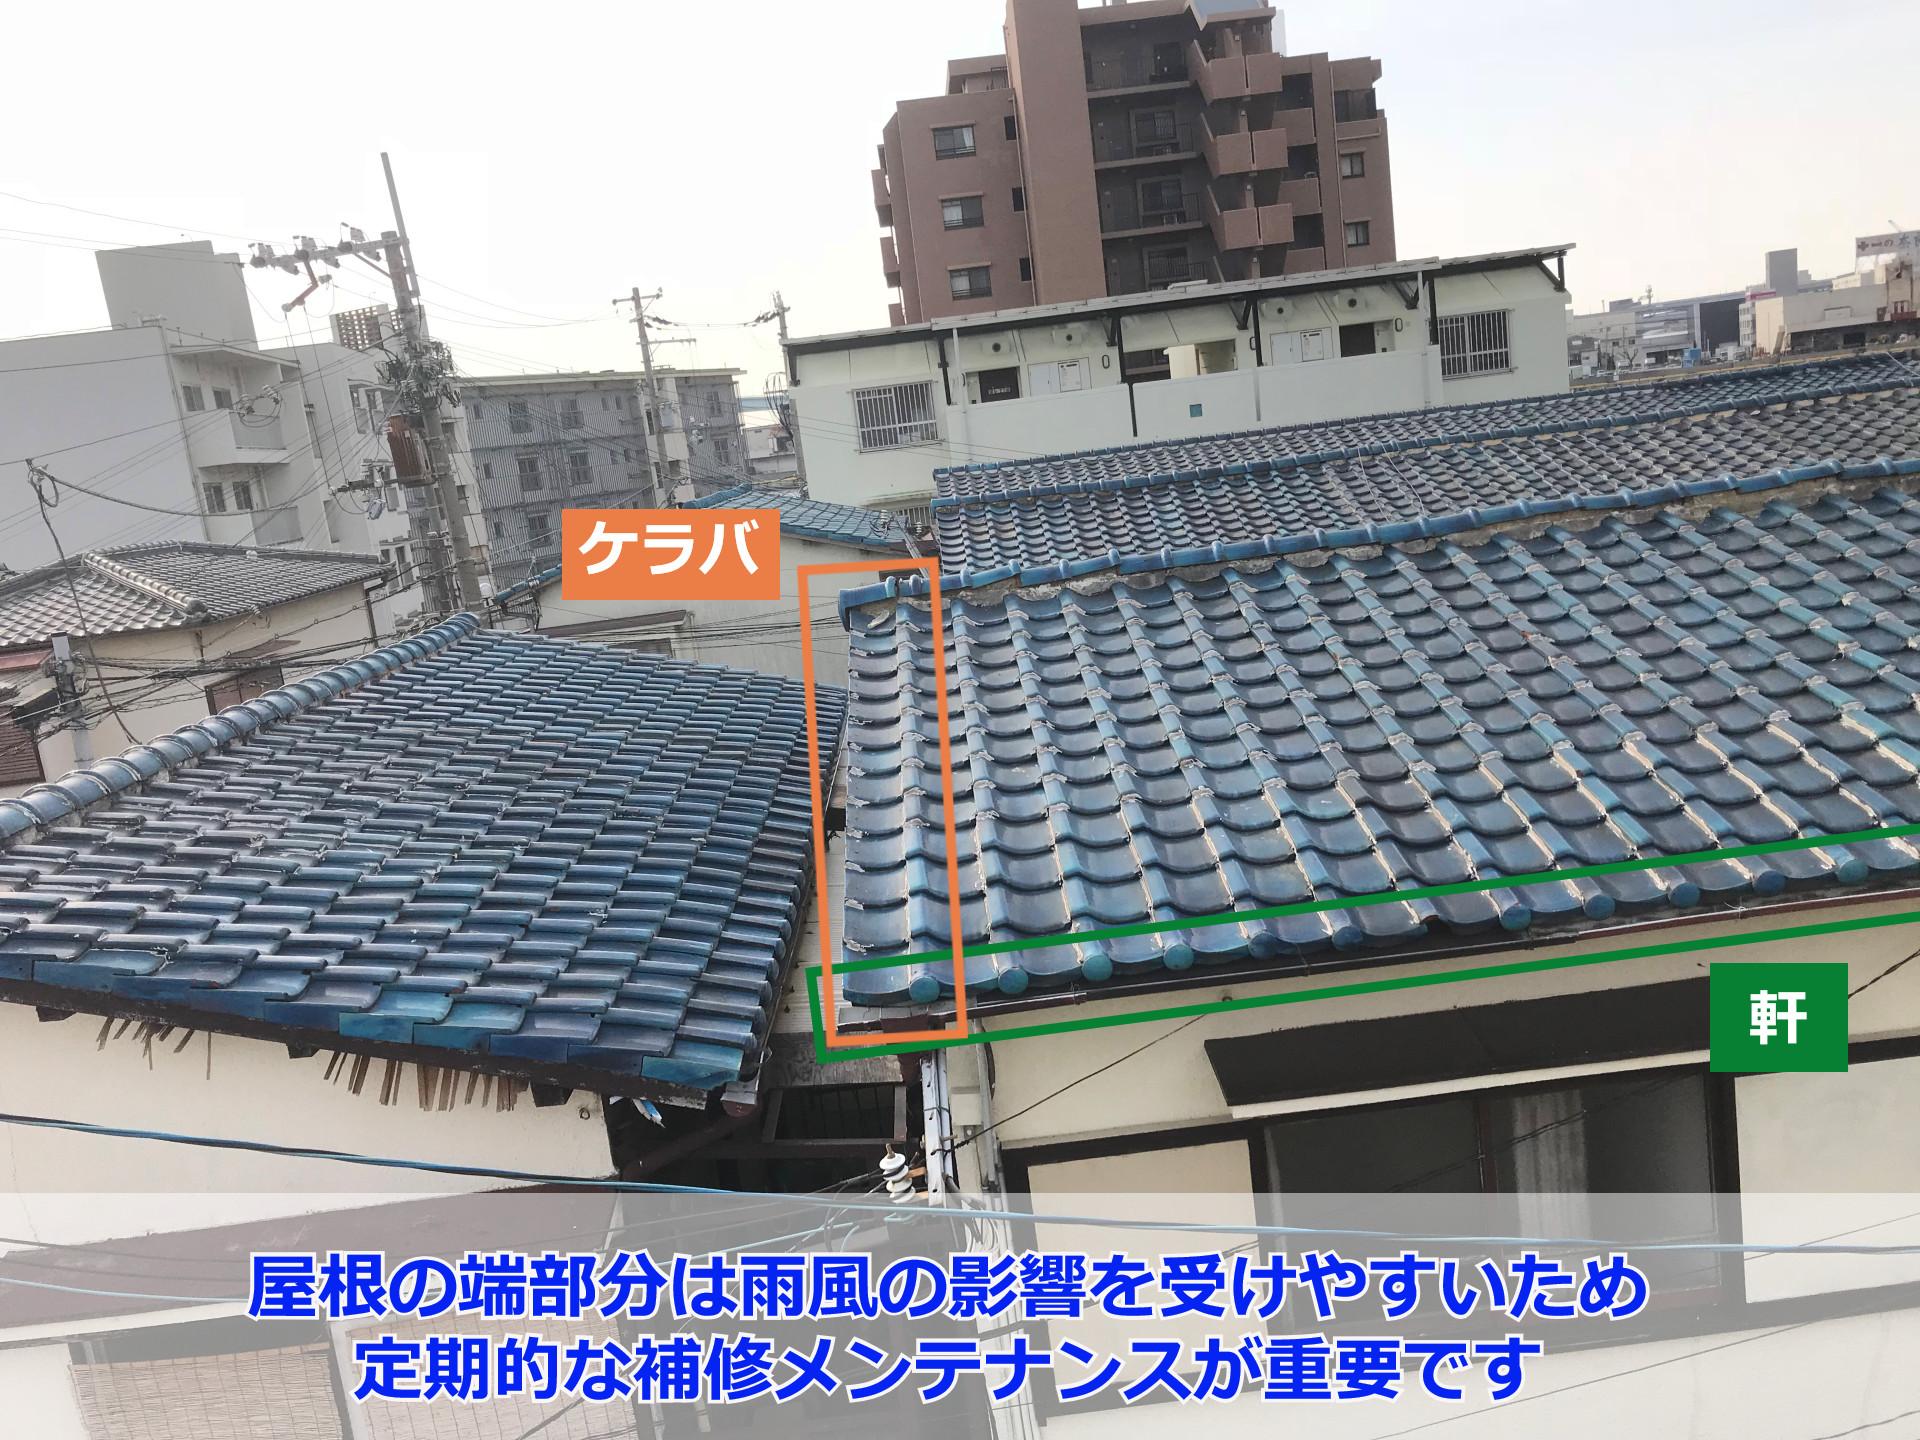 神戸市東灘区 瓦屋根修理!ケラバ瓦の差し替えをおこないました